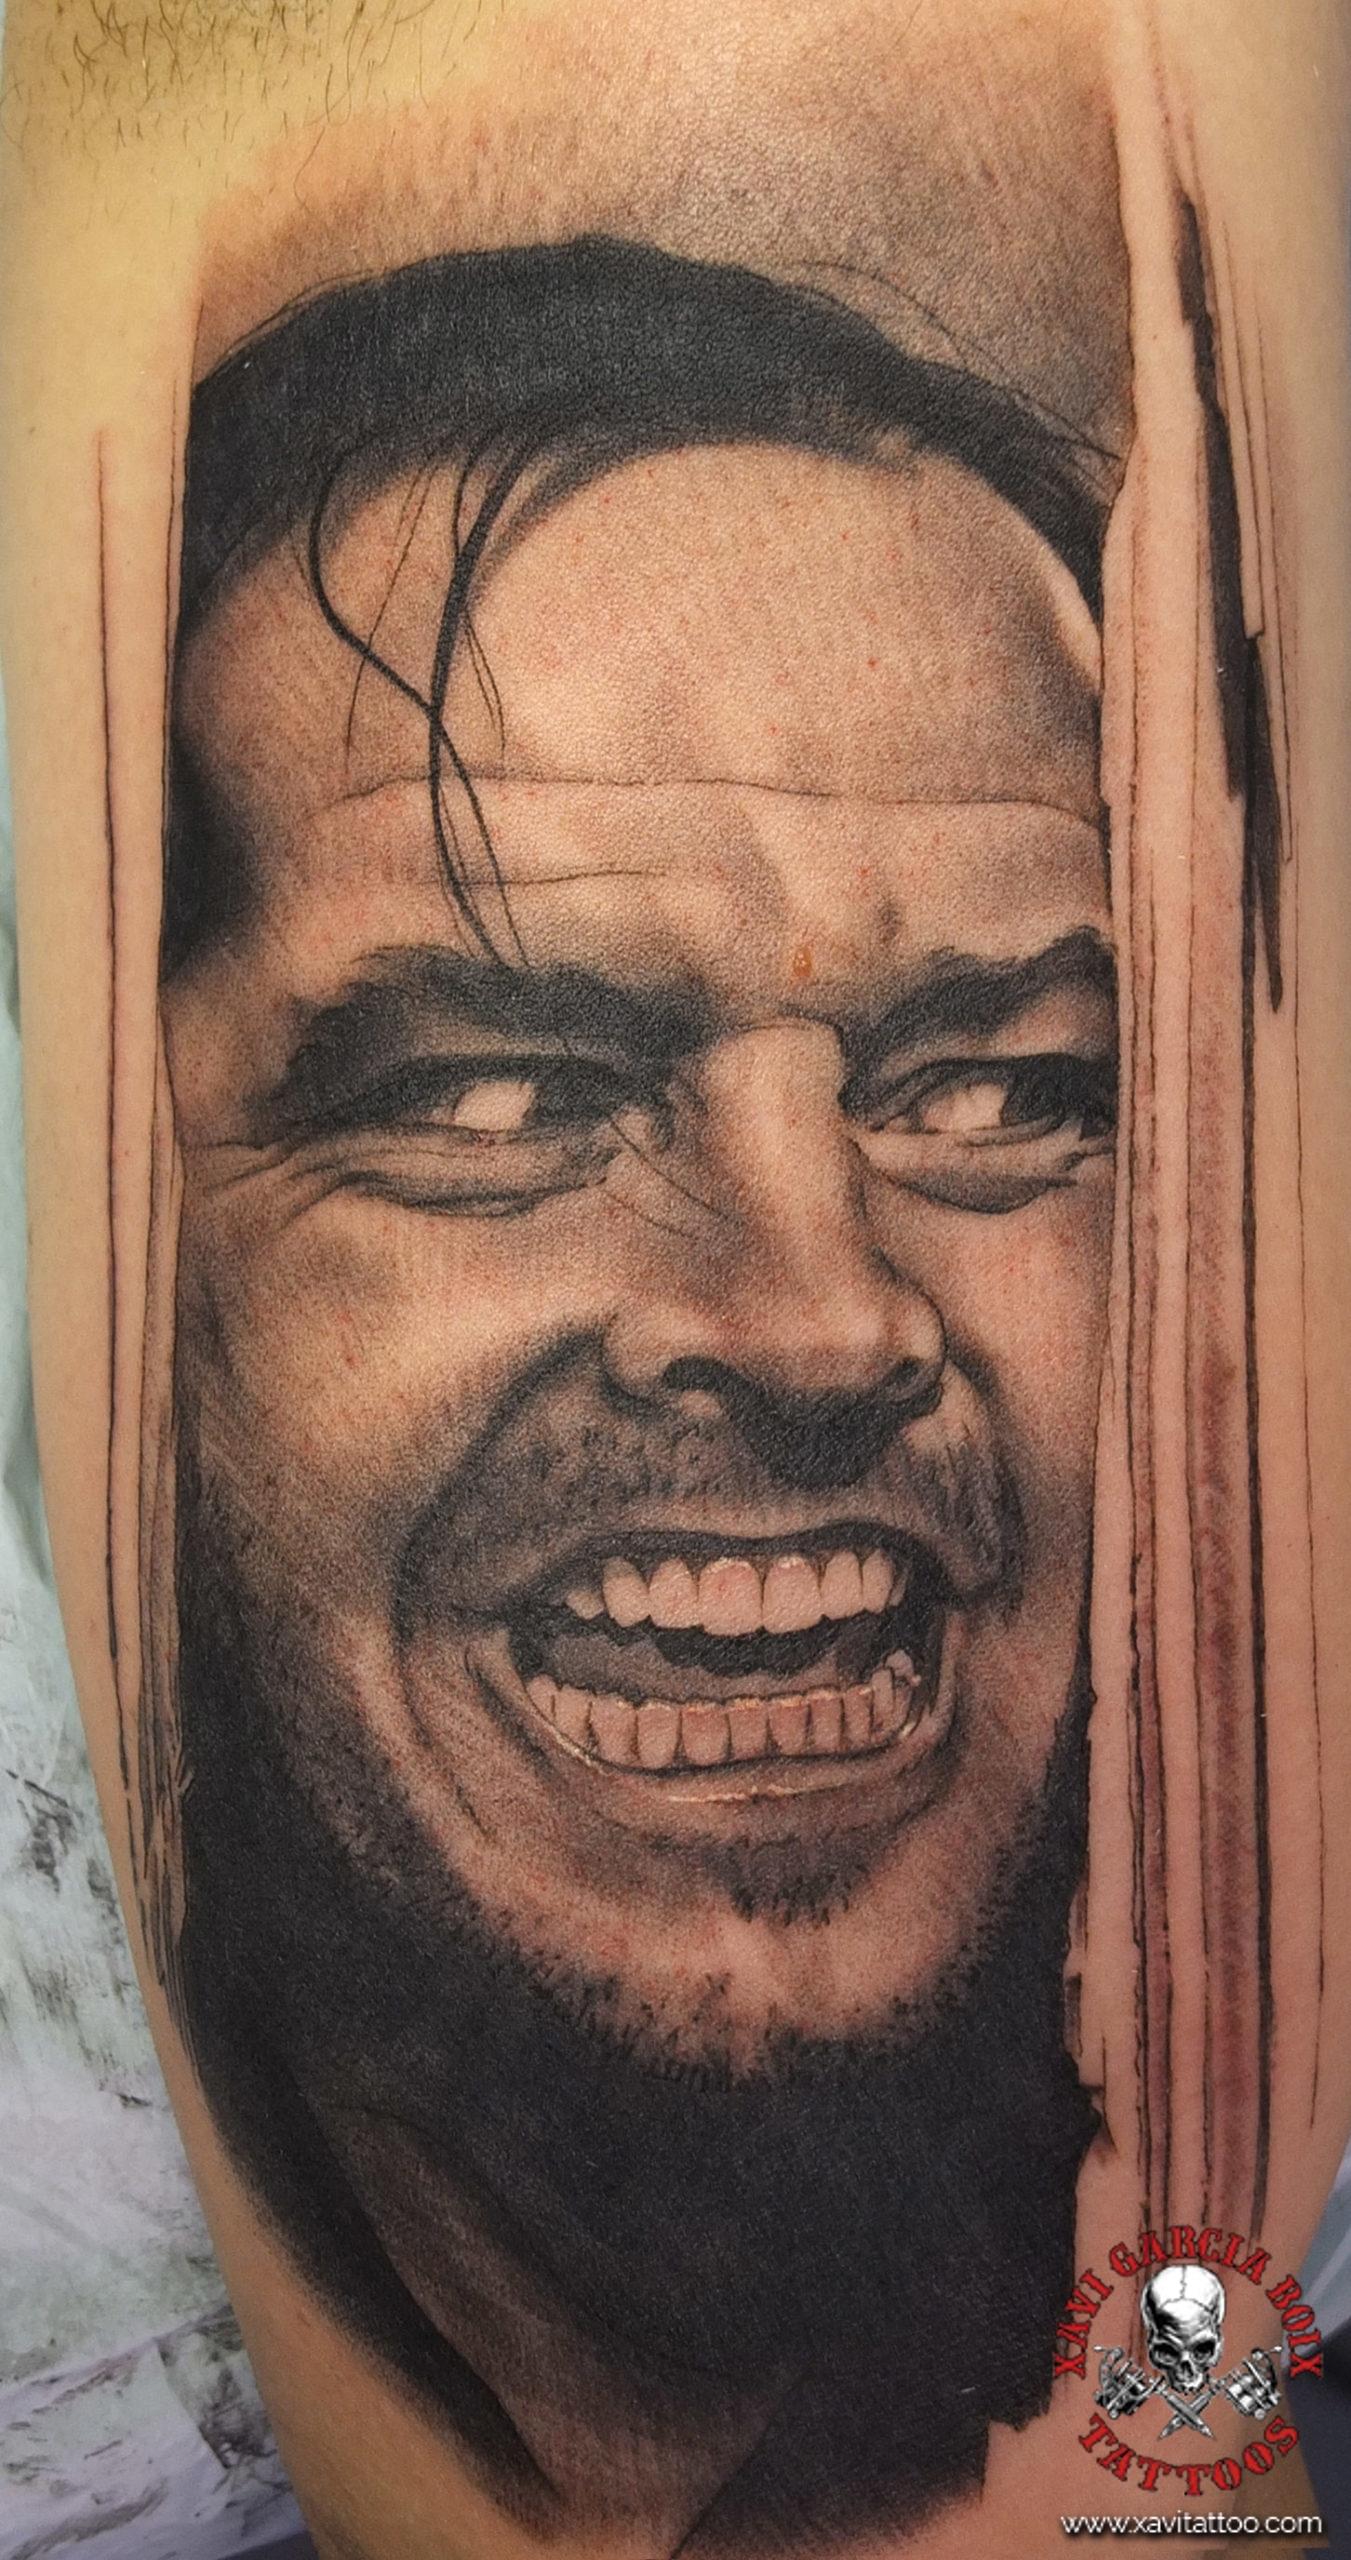 xavi garcia boix tattoo retrato realismo portrait realism tatuaje valencia tatuajes personajes famosos famous characters el resplandor jack nicholson